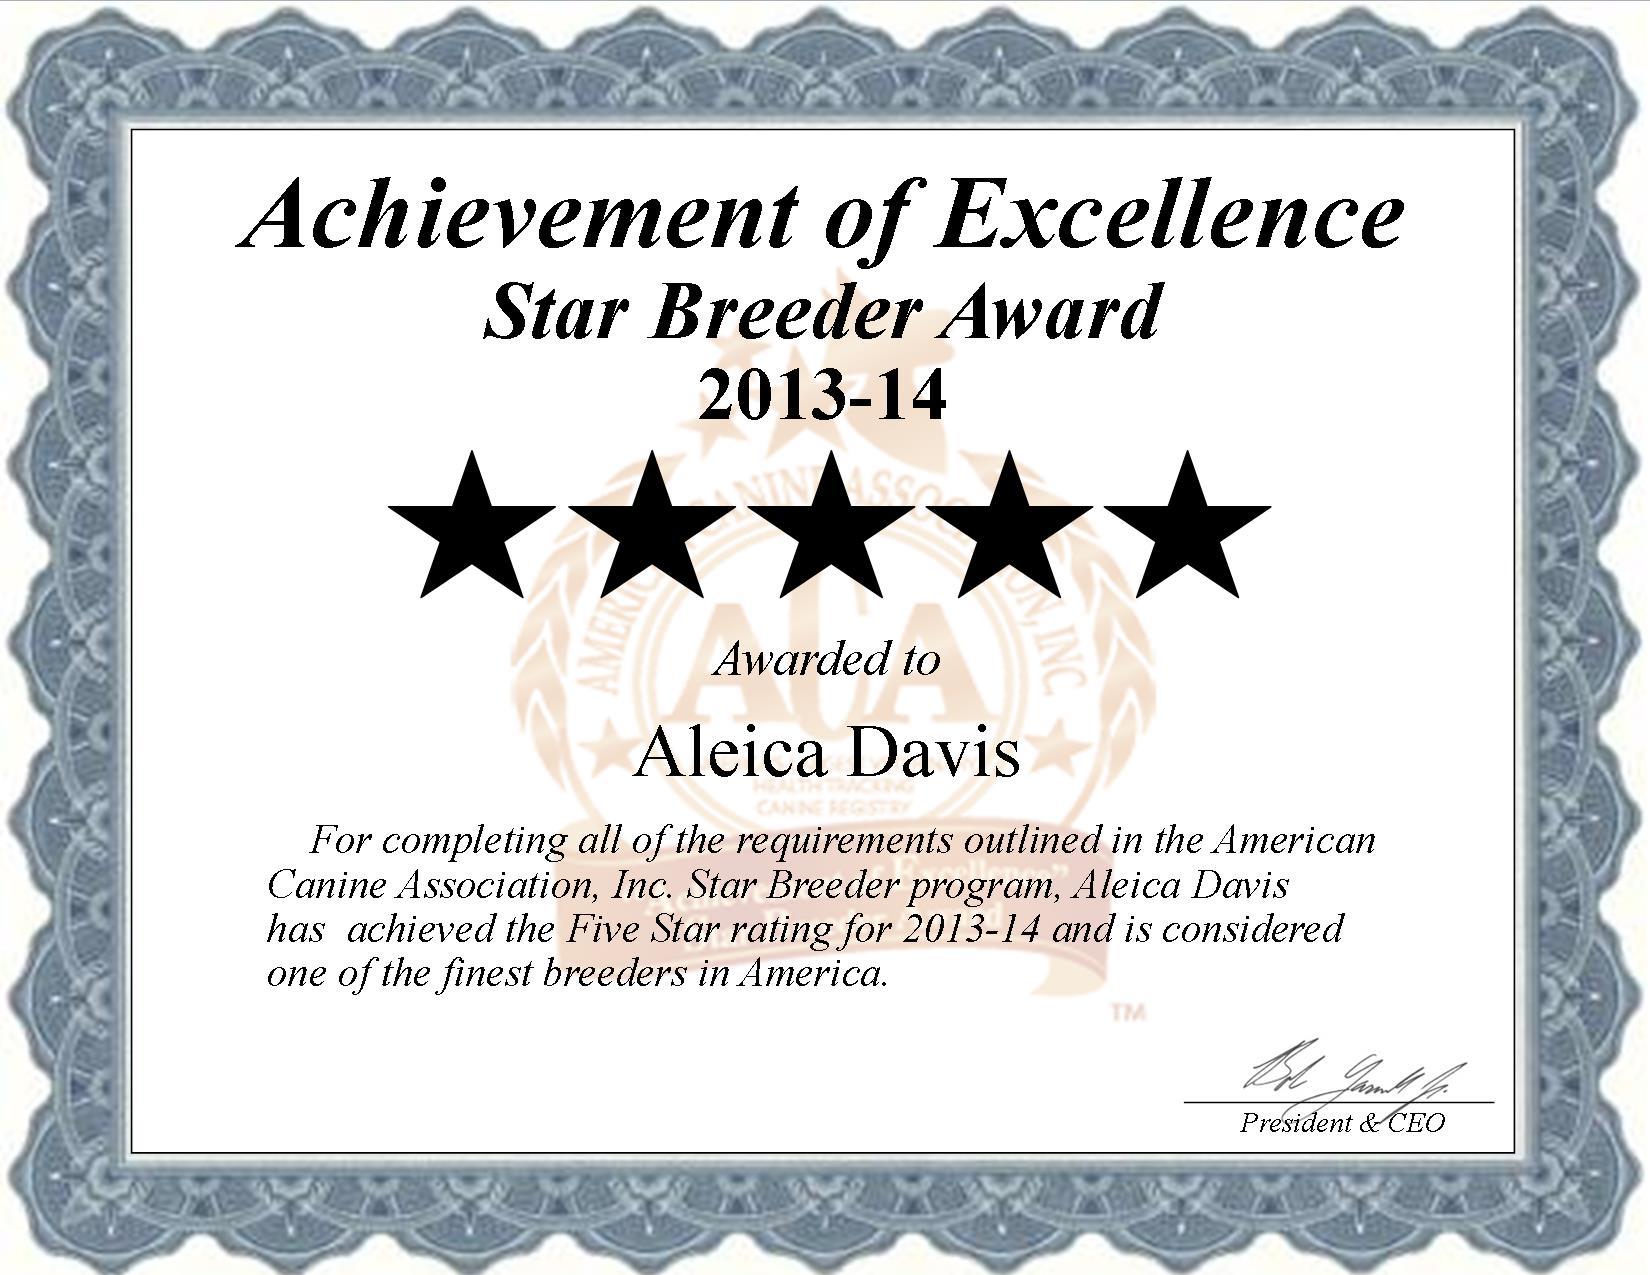 Aleica Davis, Aleica, Davis, Flacon, breeder, star breeder, star breeders, starbreeder, starbreeders, 5 star, Missouri, MO, dog, puppy, puppies